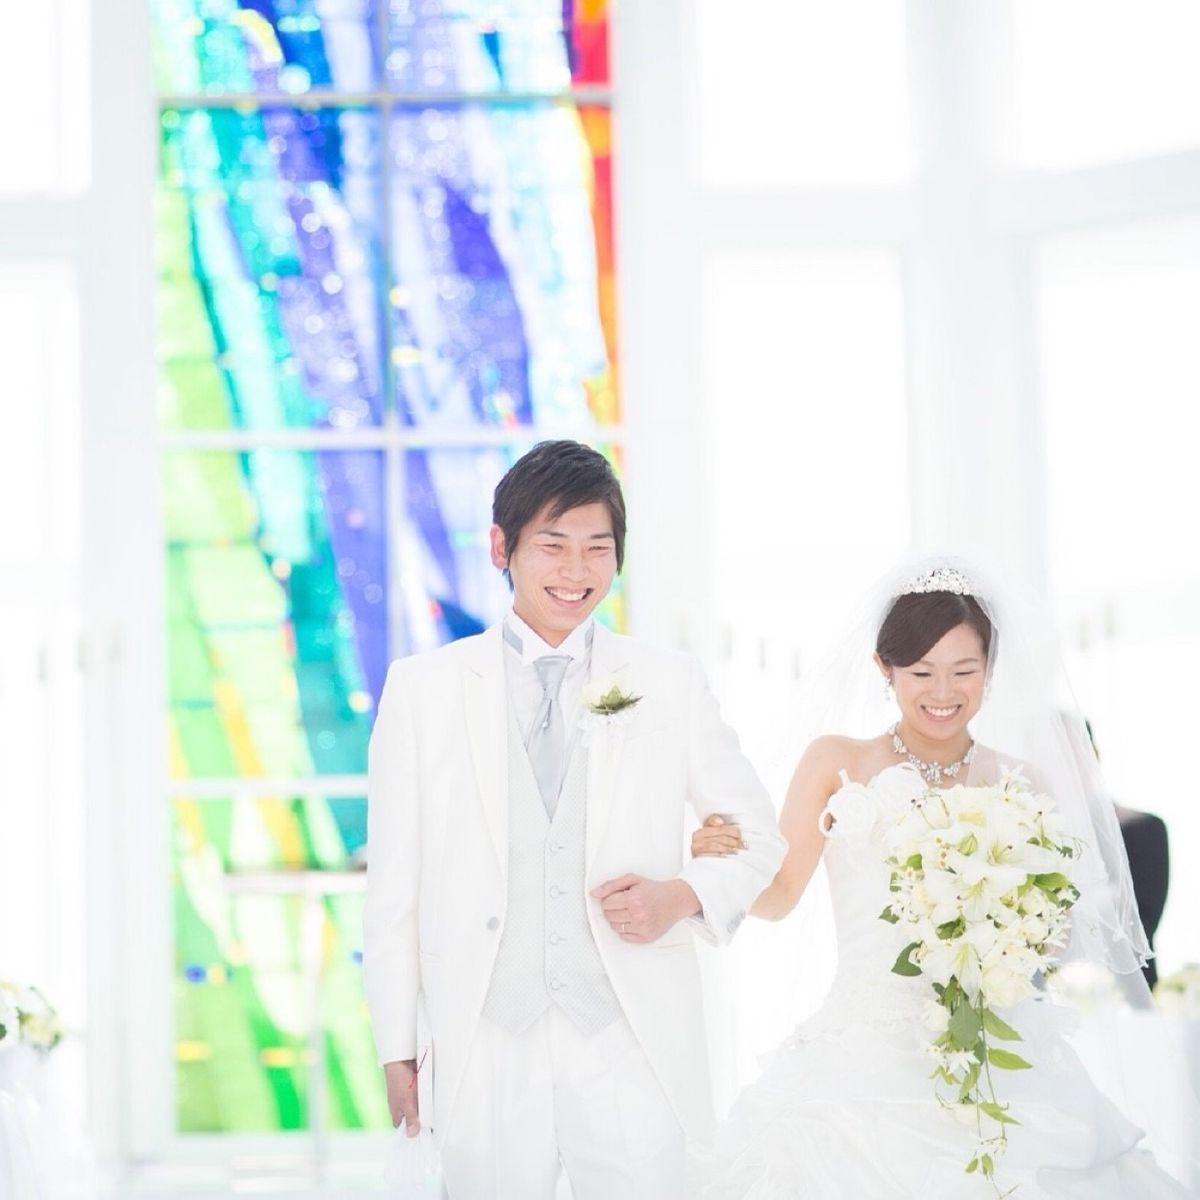 yuki.w.0304さんのラ・メゾン Suite りんくう写真1枚目